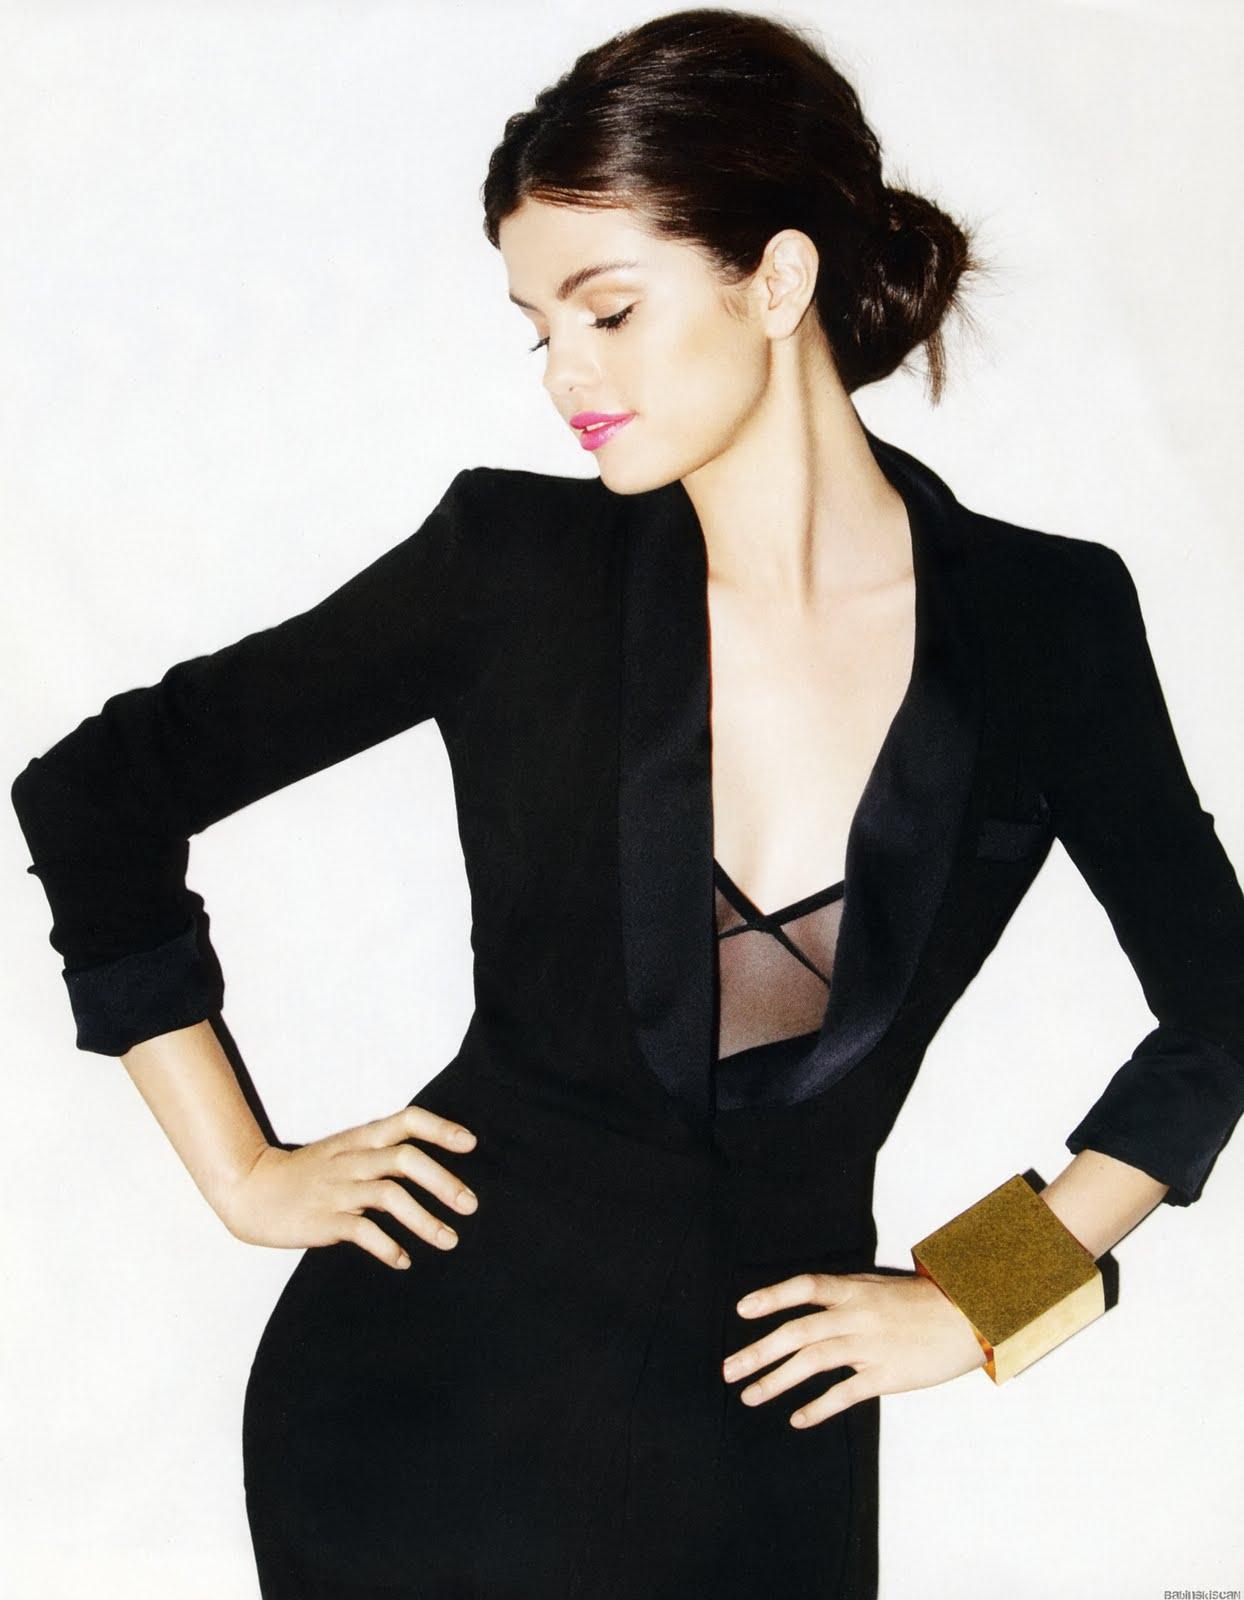 http://3.bp.blogspot.com/_RgT4uLka32g/TUrAaaSRtgI/AAAAAAAAOdA/RPir09Y01OA/s1600/Selena_Gomez_InStyle001.jpg